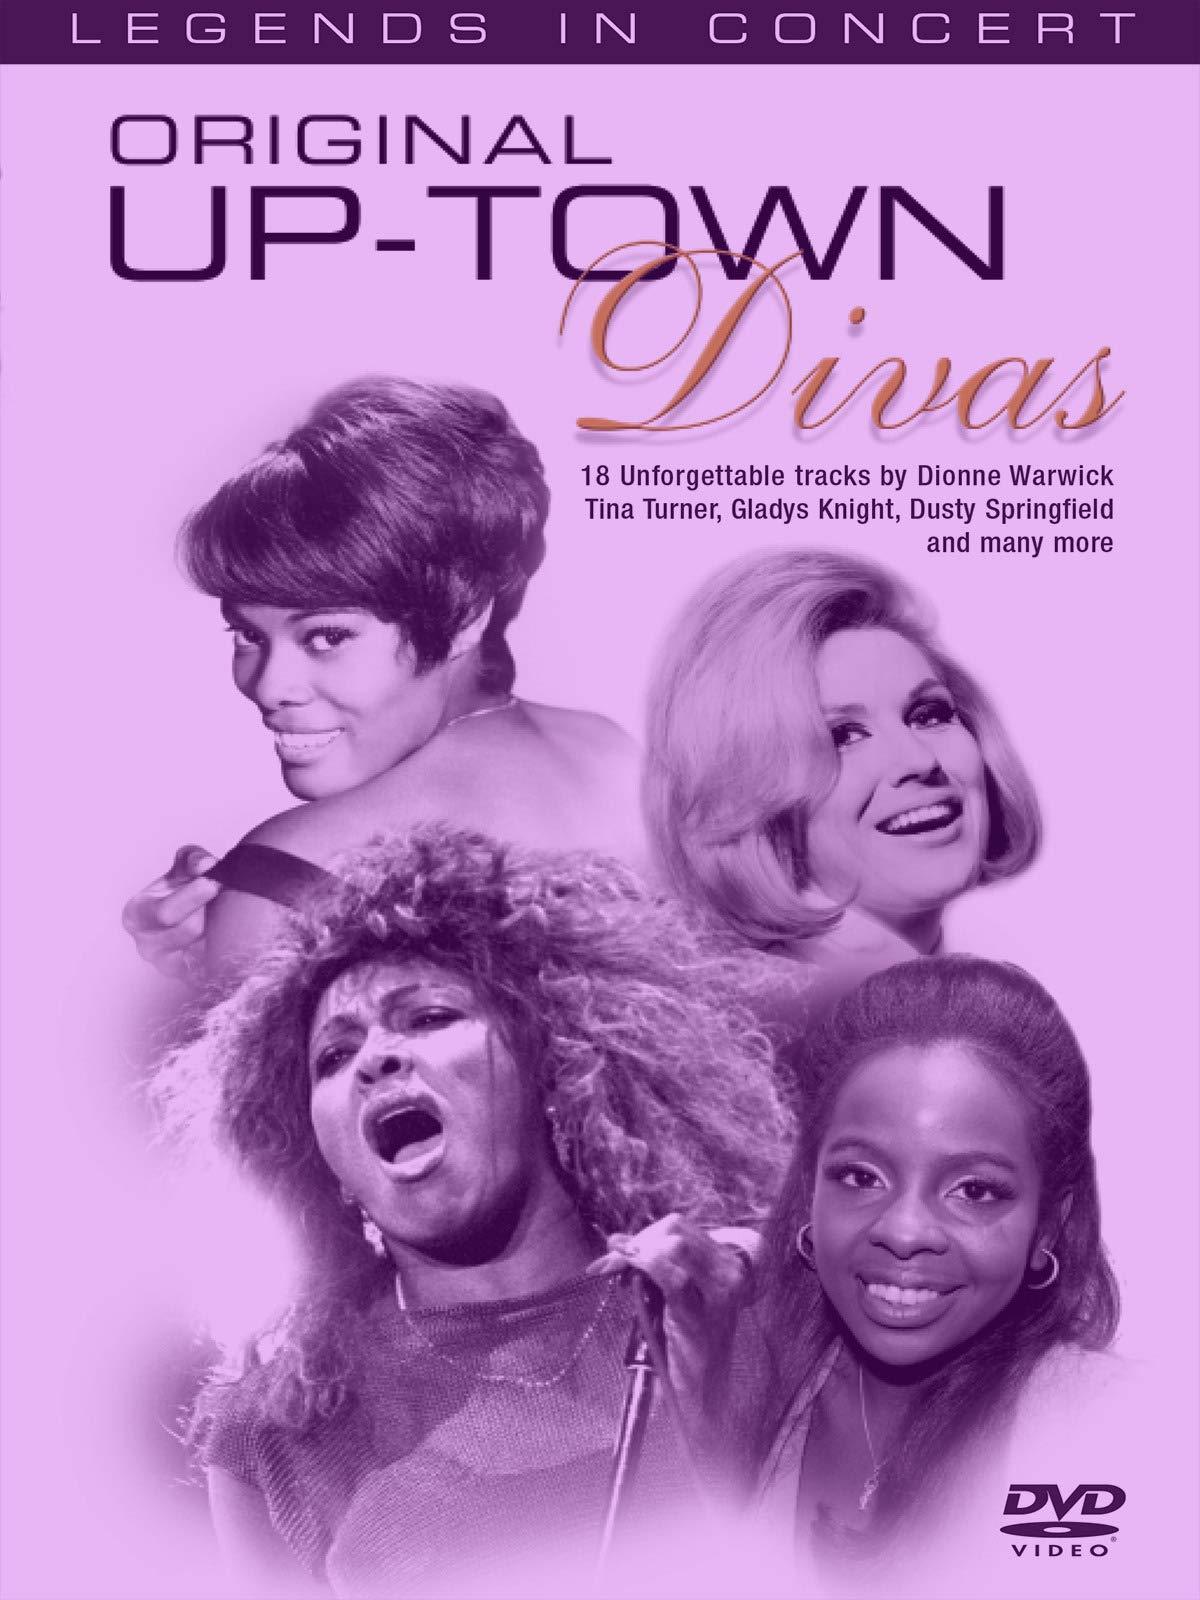 Uptown Divas